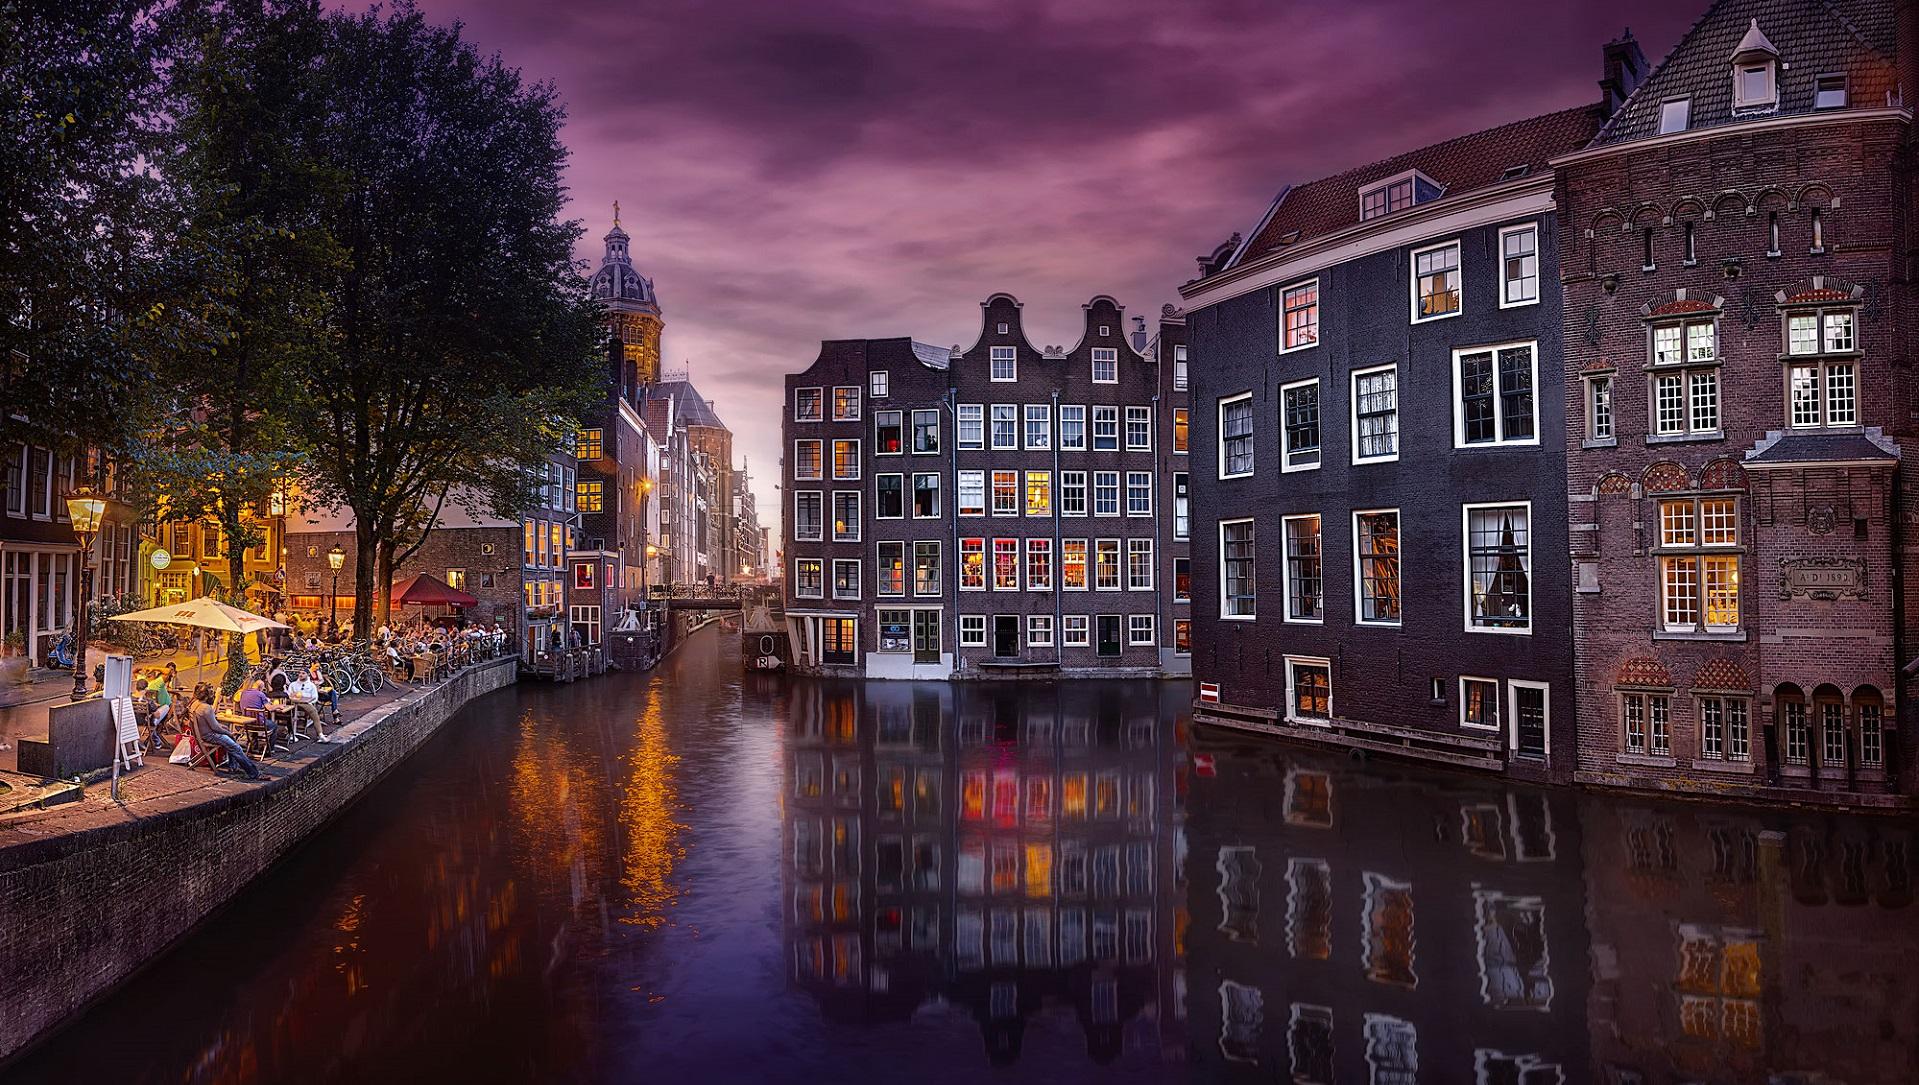 Ámsterdam prohibirá todos los vehículos de combustión interna en 2030